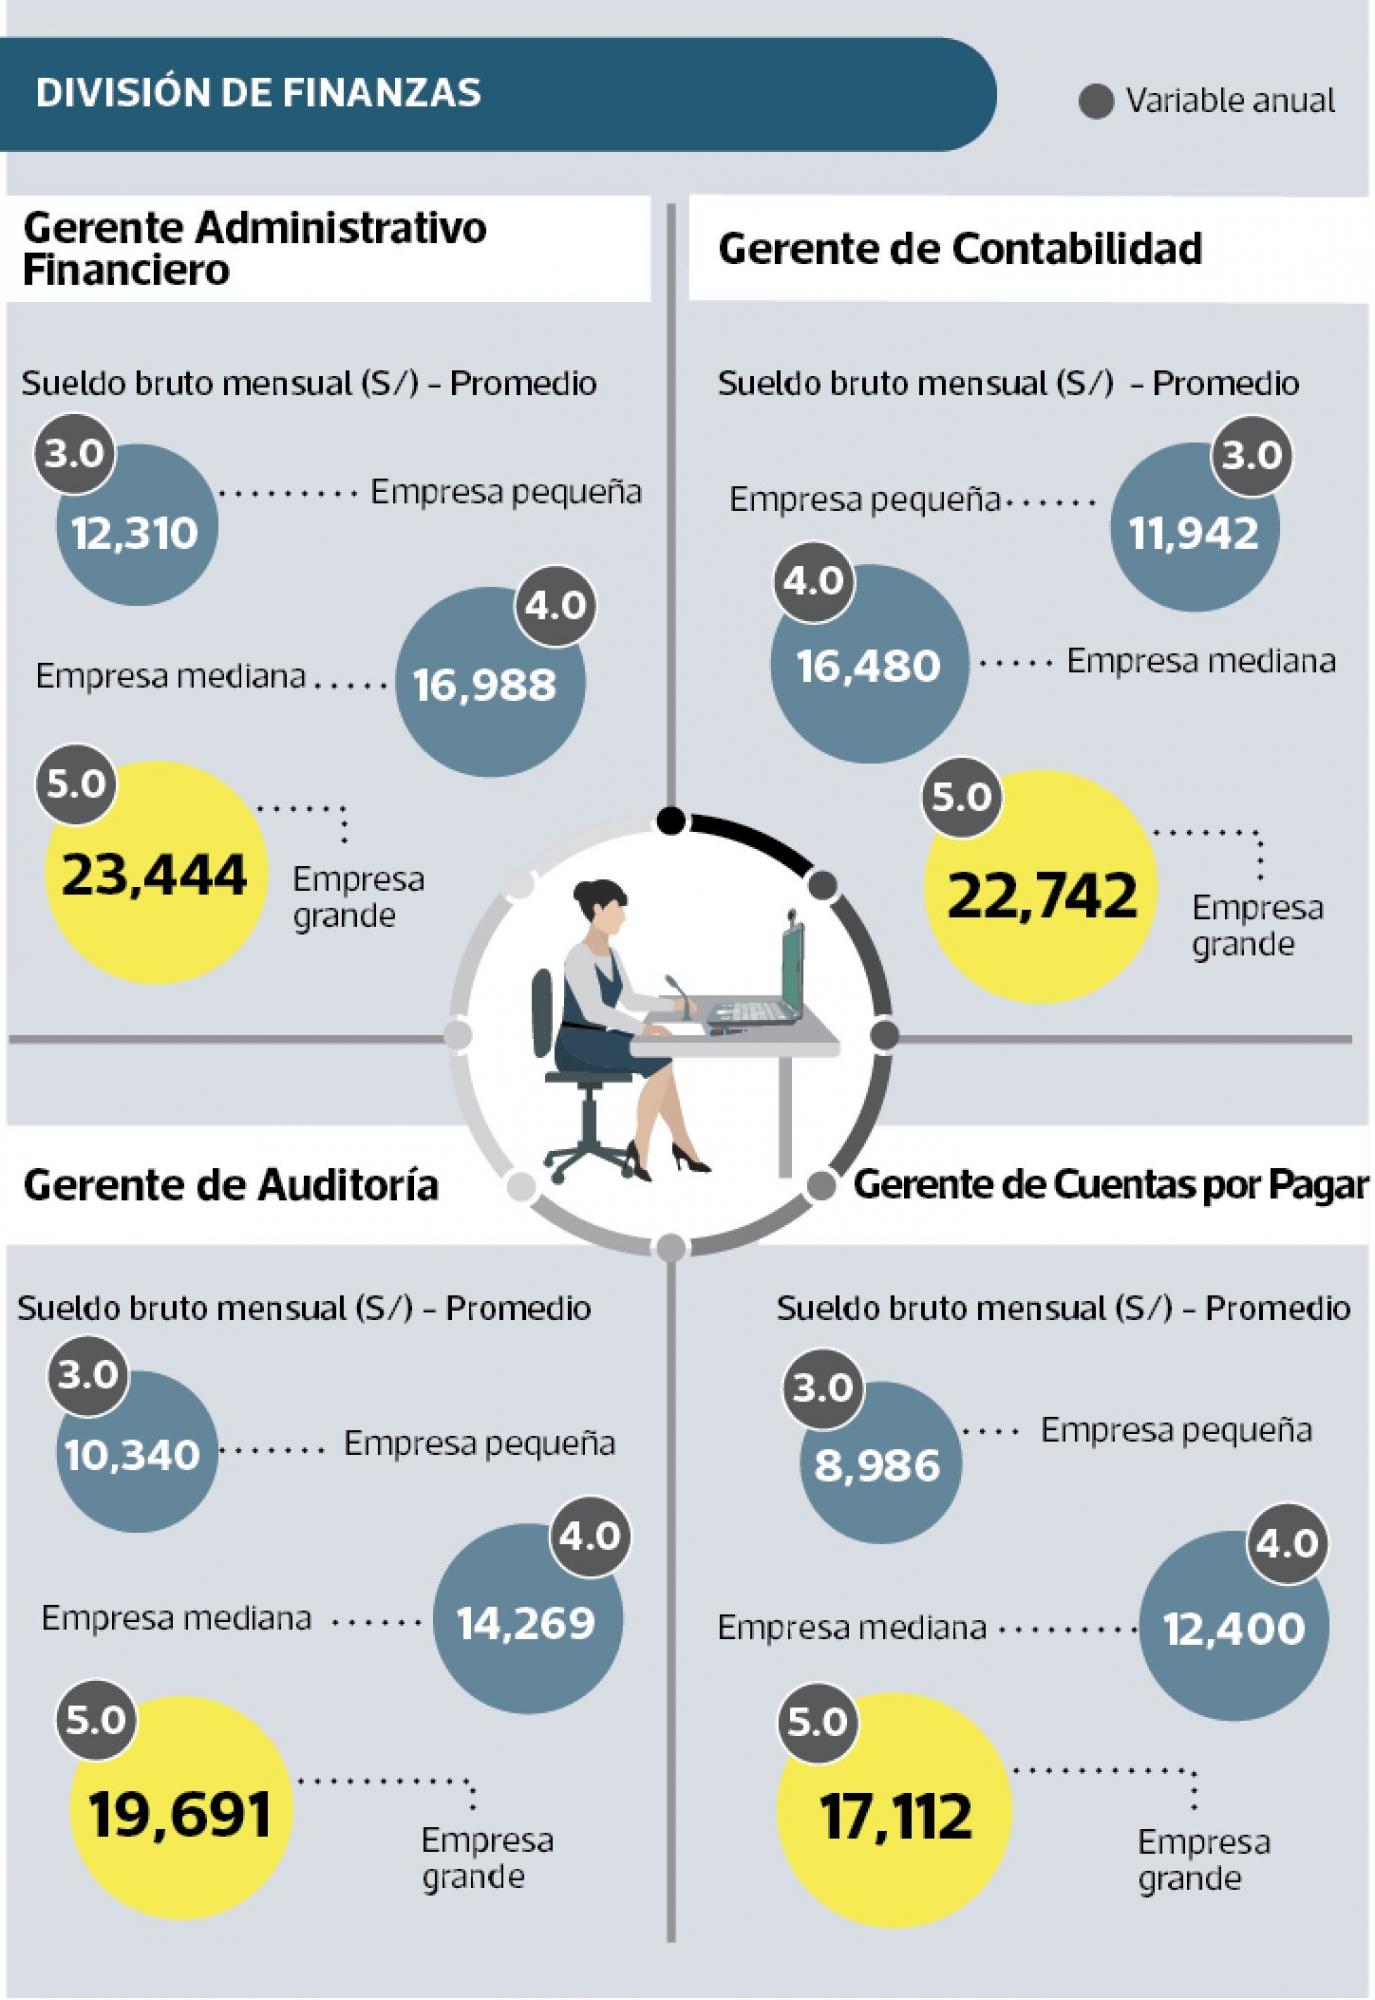 gerentes de finanzas